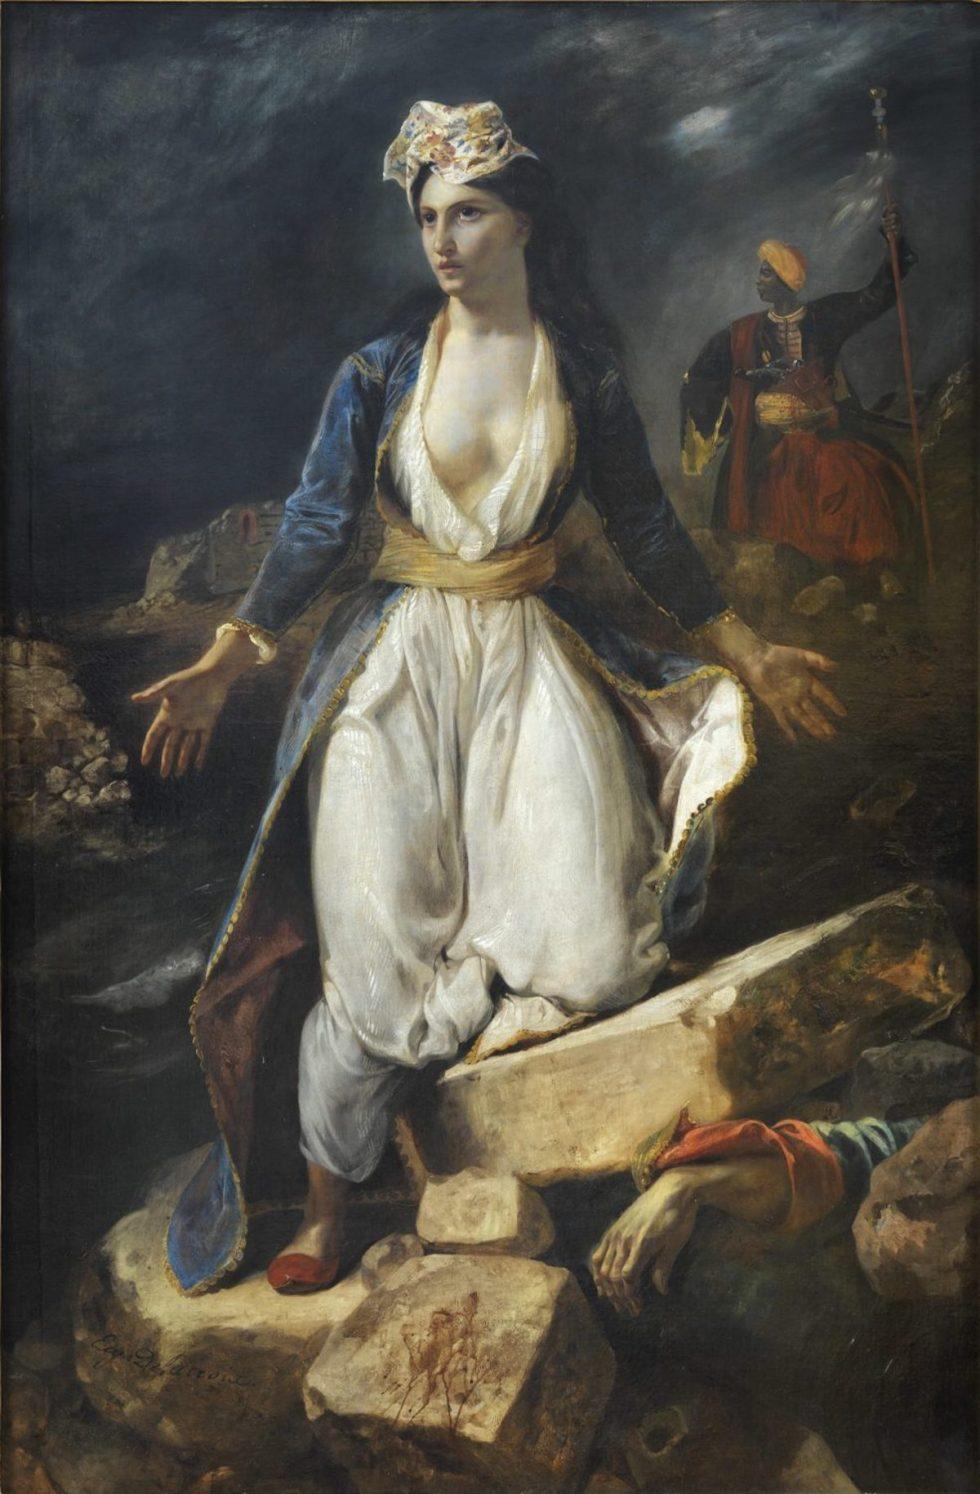 Eugène Delacroix, Greece on the Ruins of Missolonghi